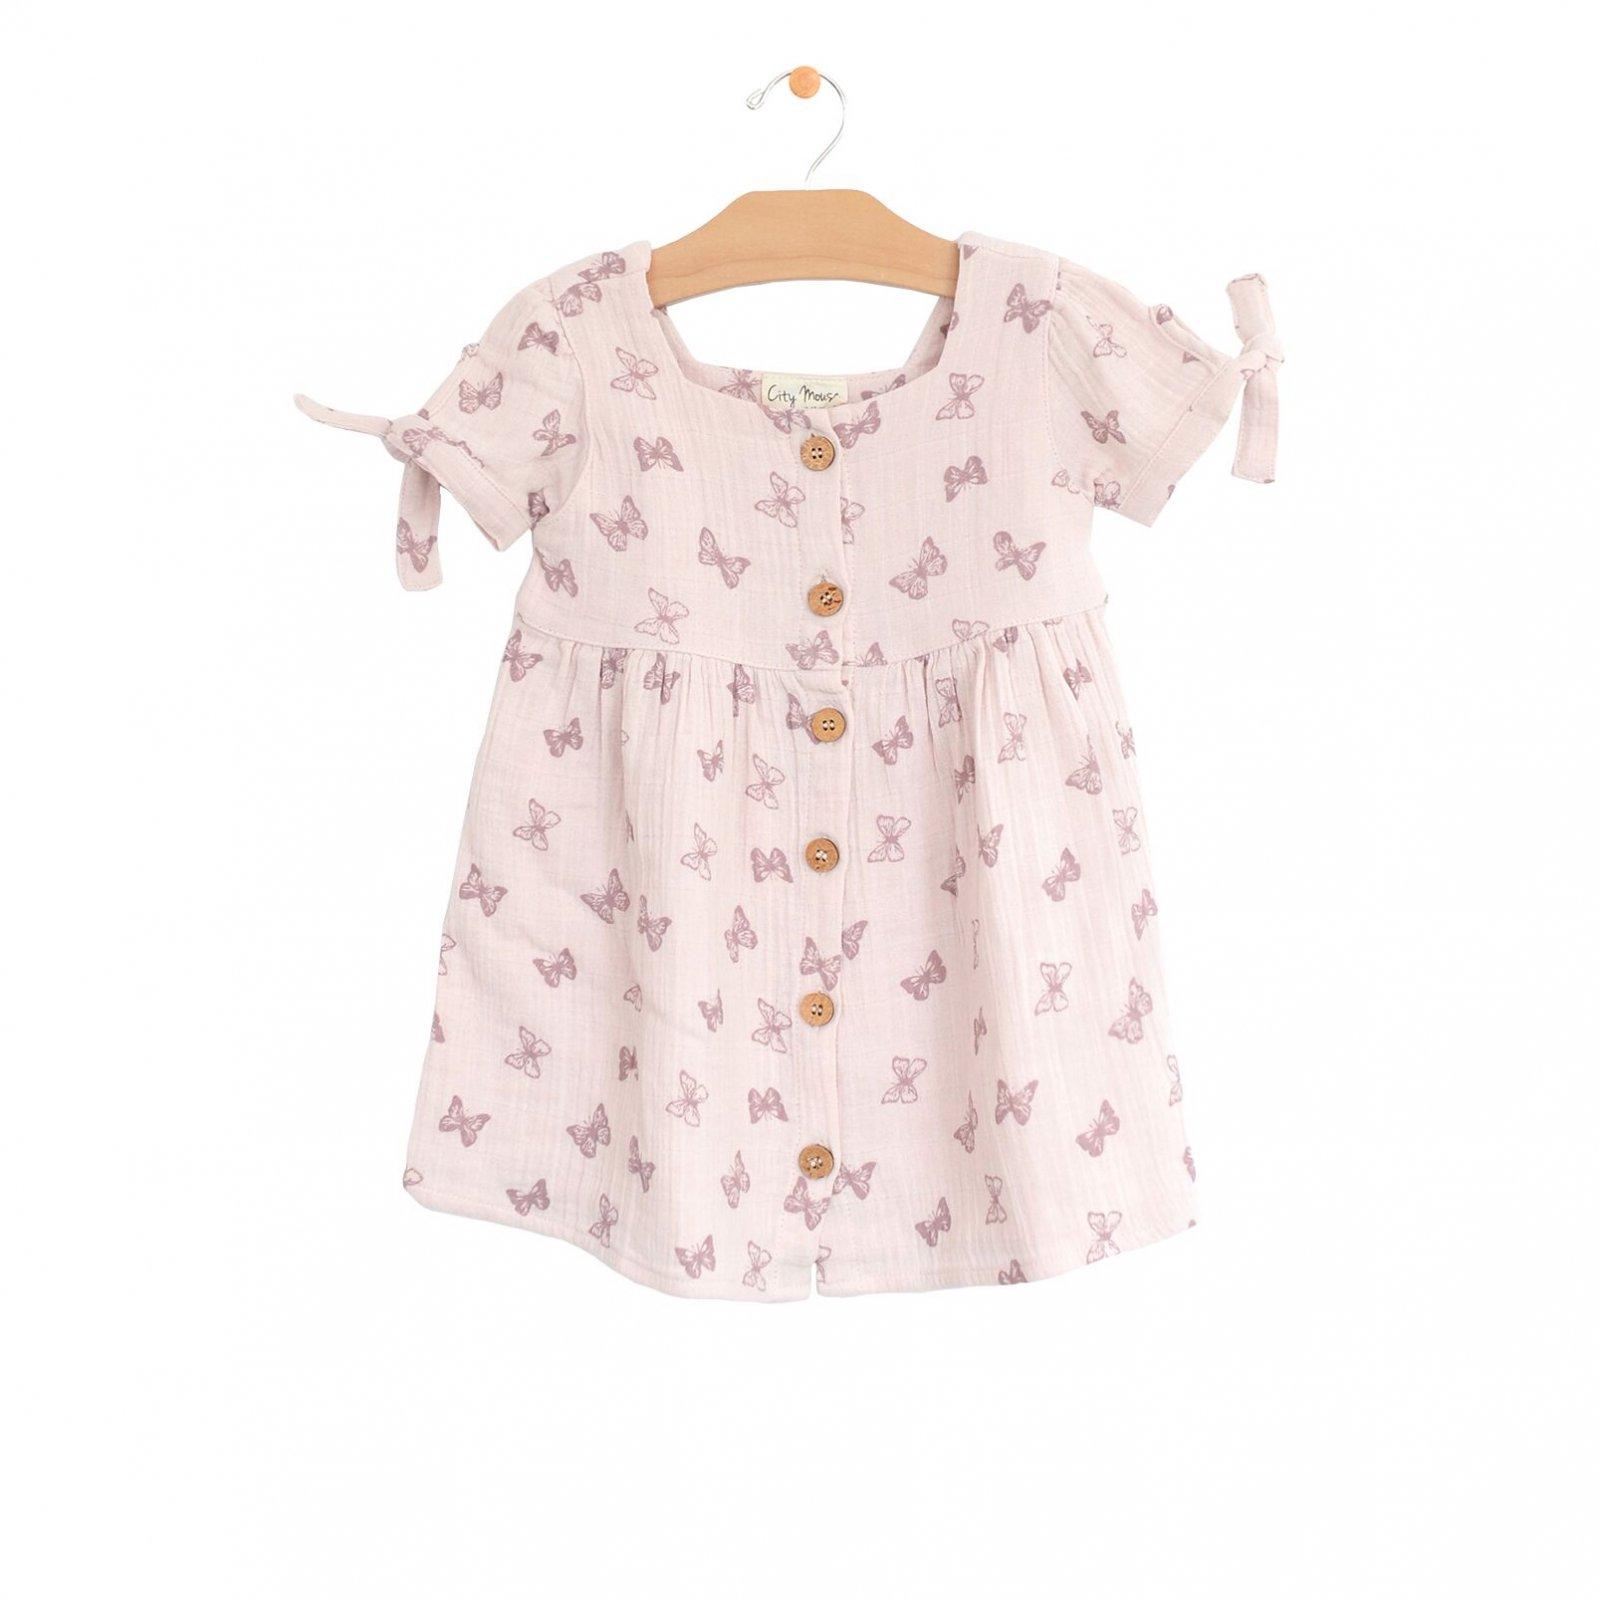 Butterflies Muslin Square Neck Button Dress